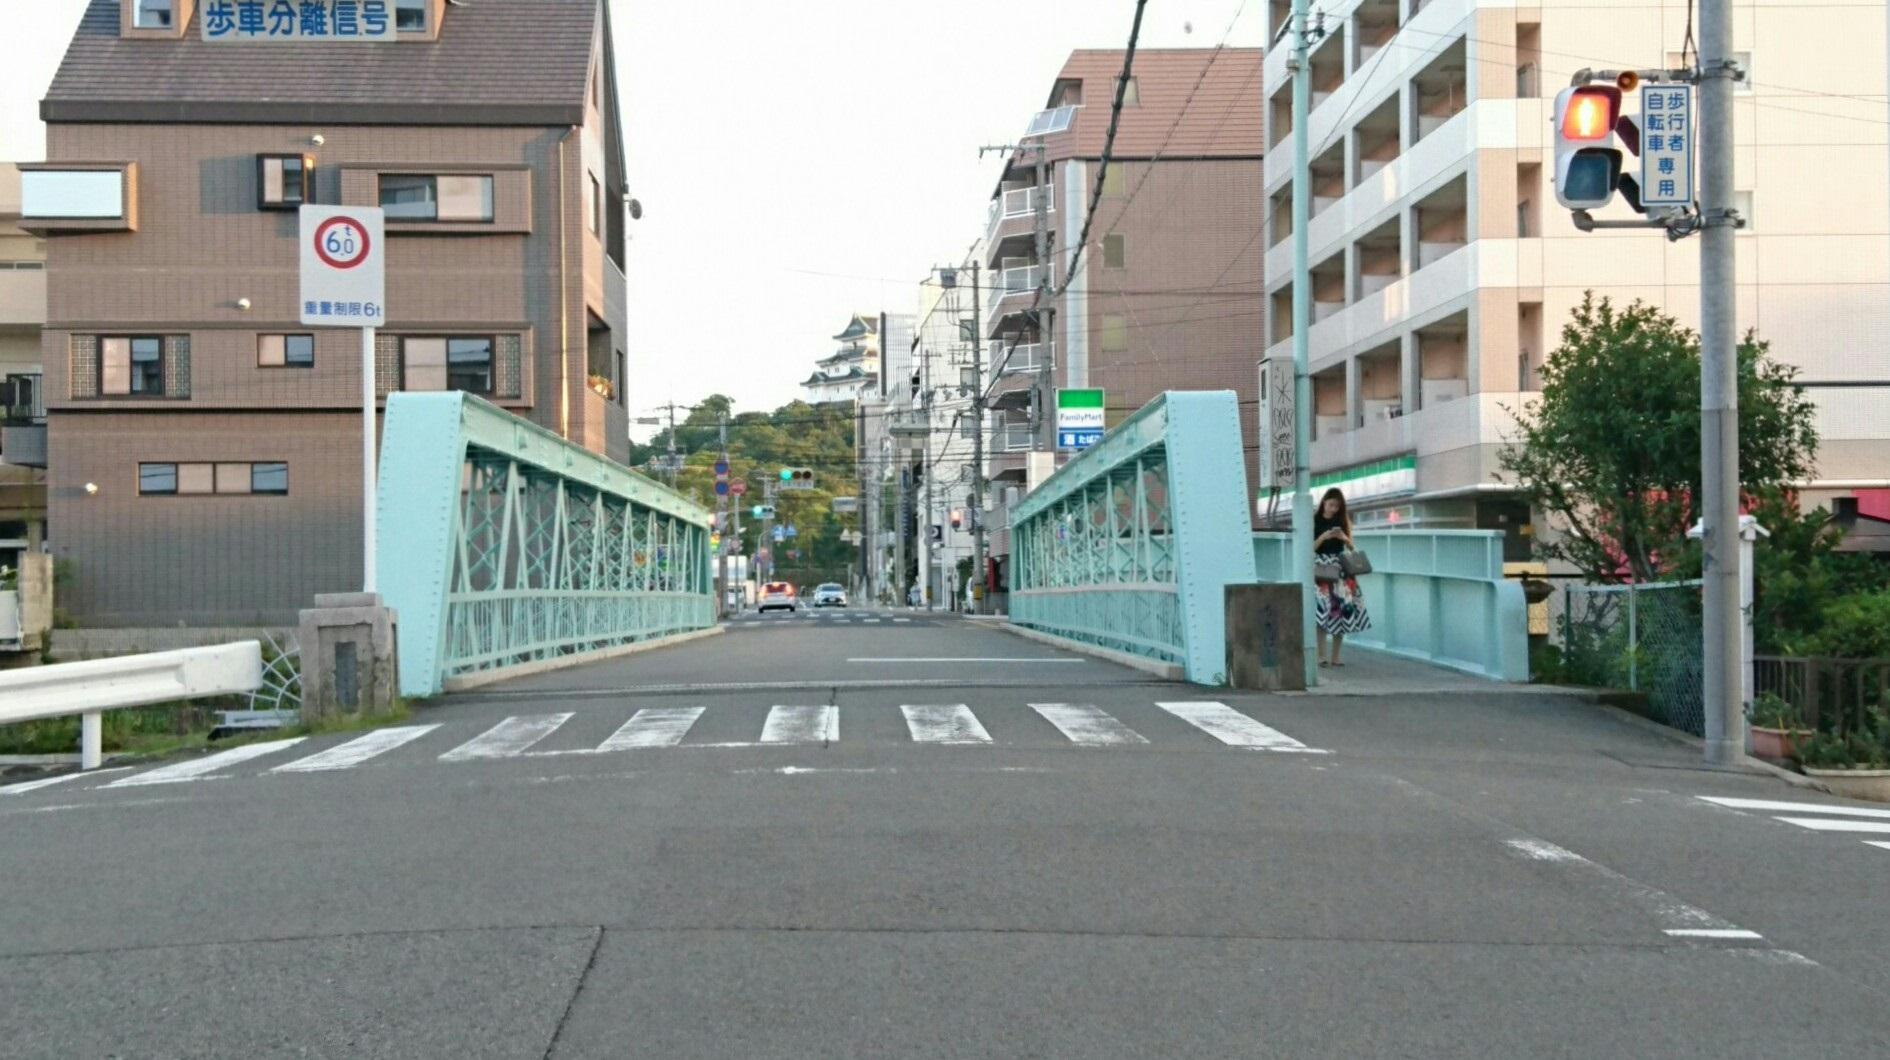 2017.8.17 わかやま (35) 中橋 1890-1060